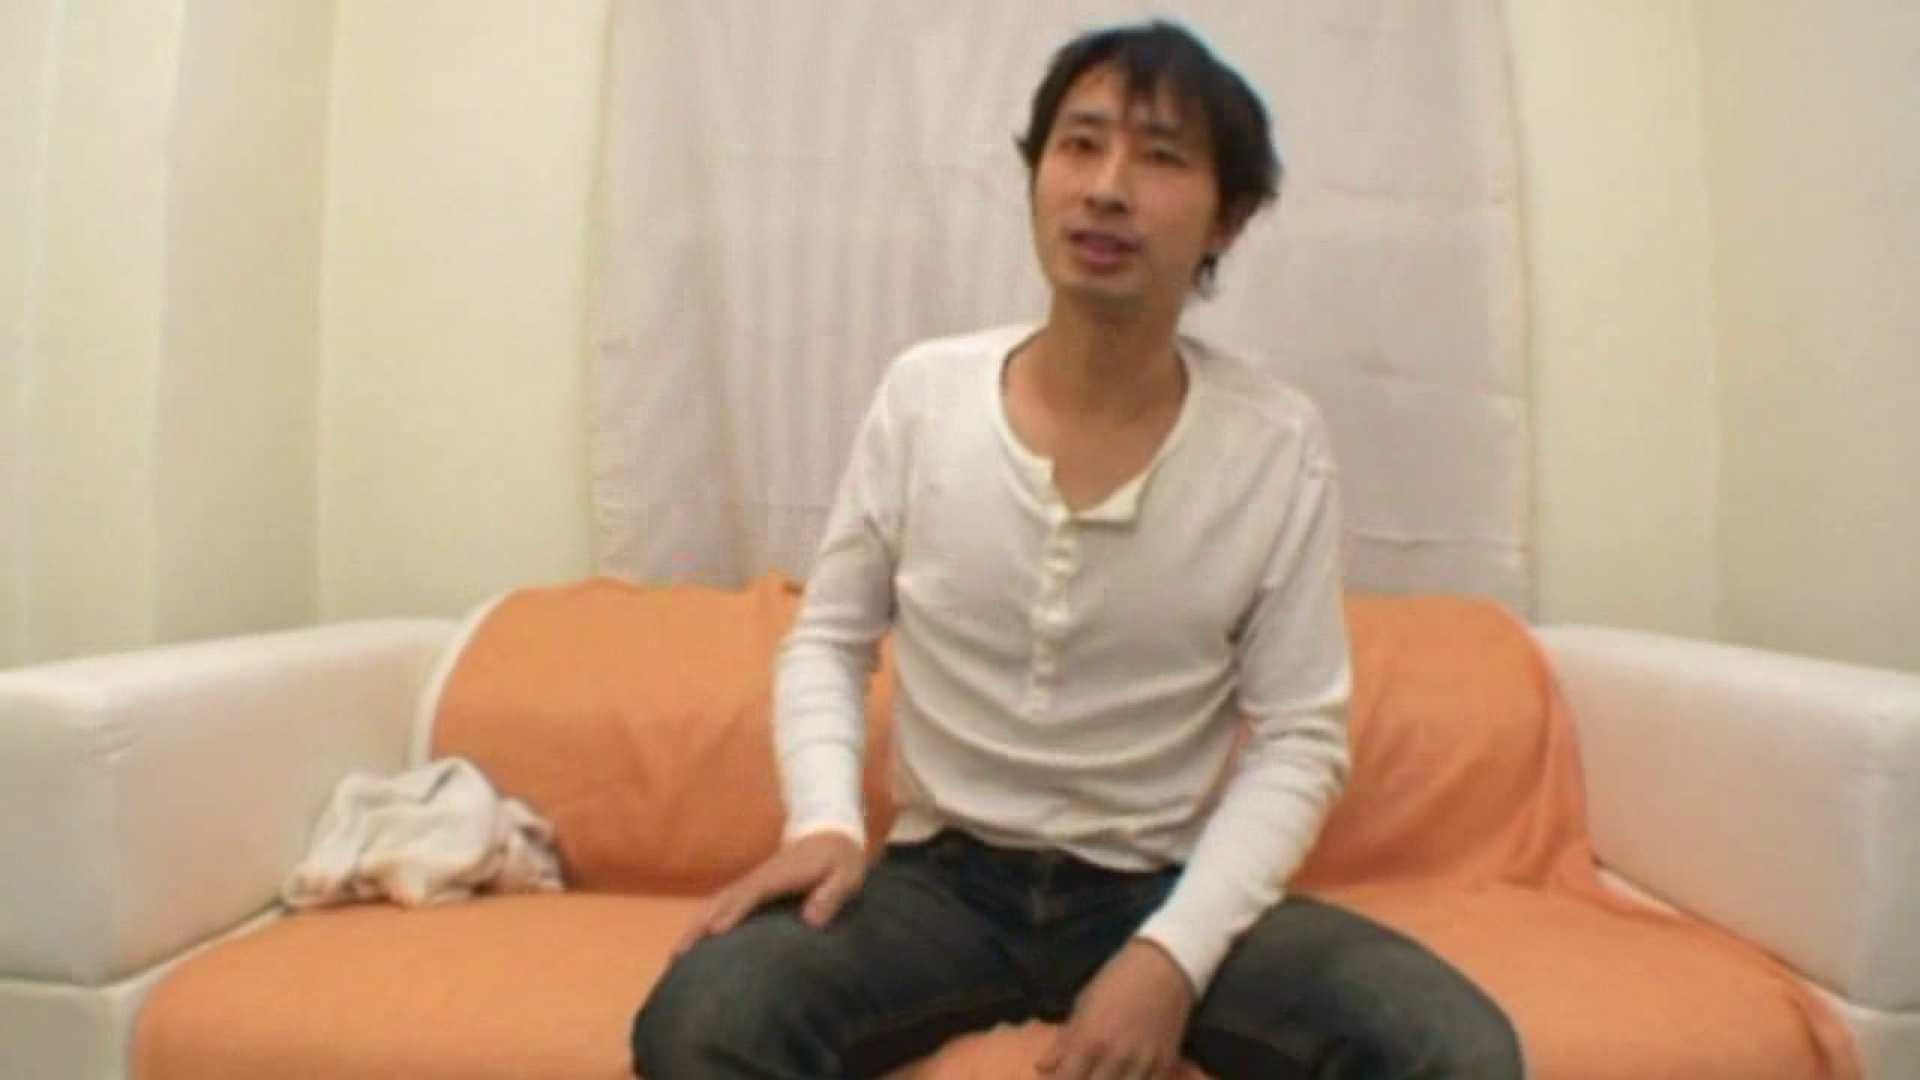 イケメンズエステティック倶楽部Case.02 マッサージ ゲイ射精画像 103画像 80